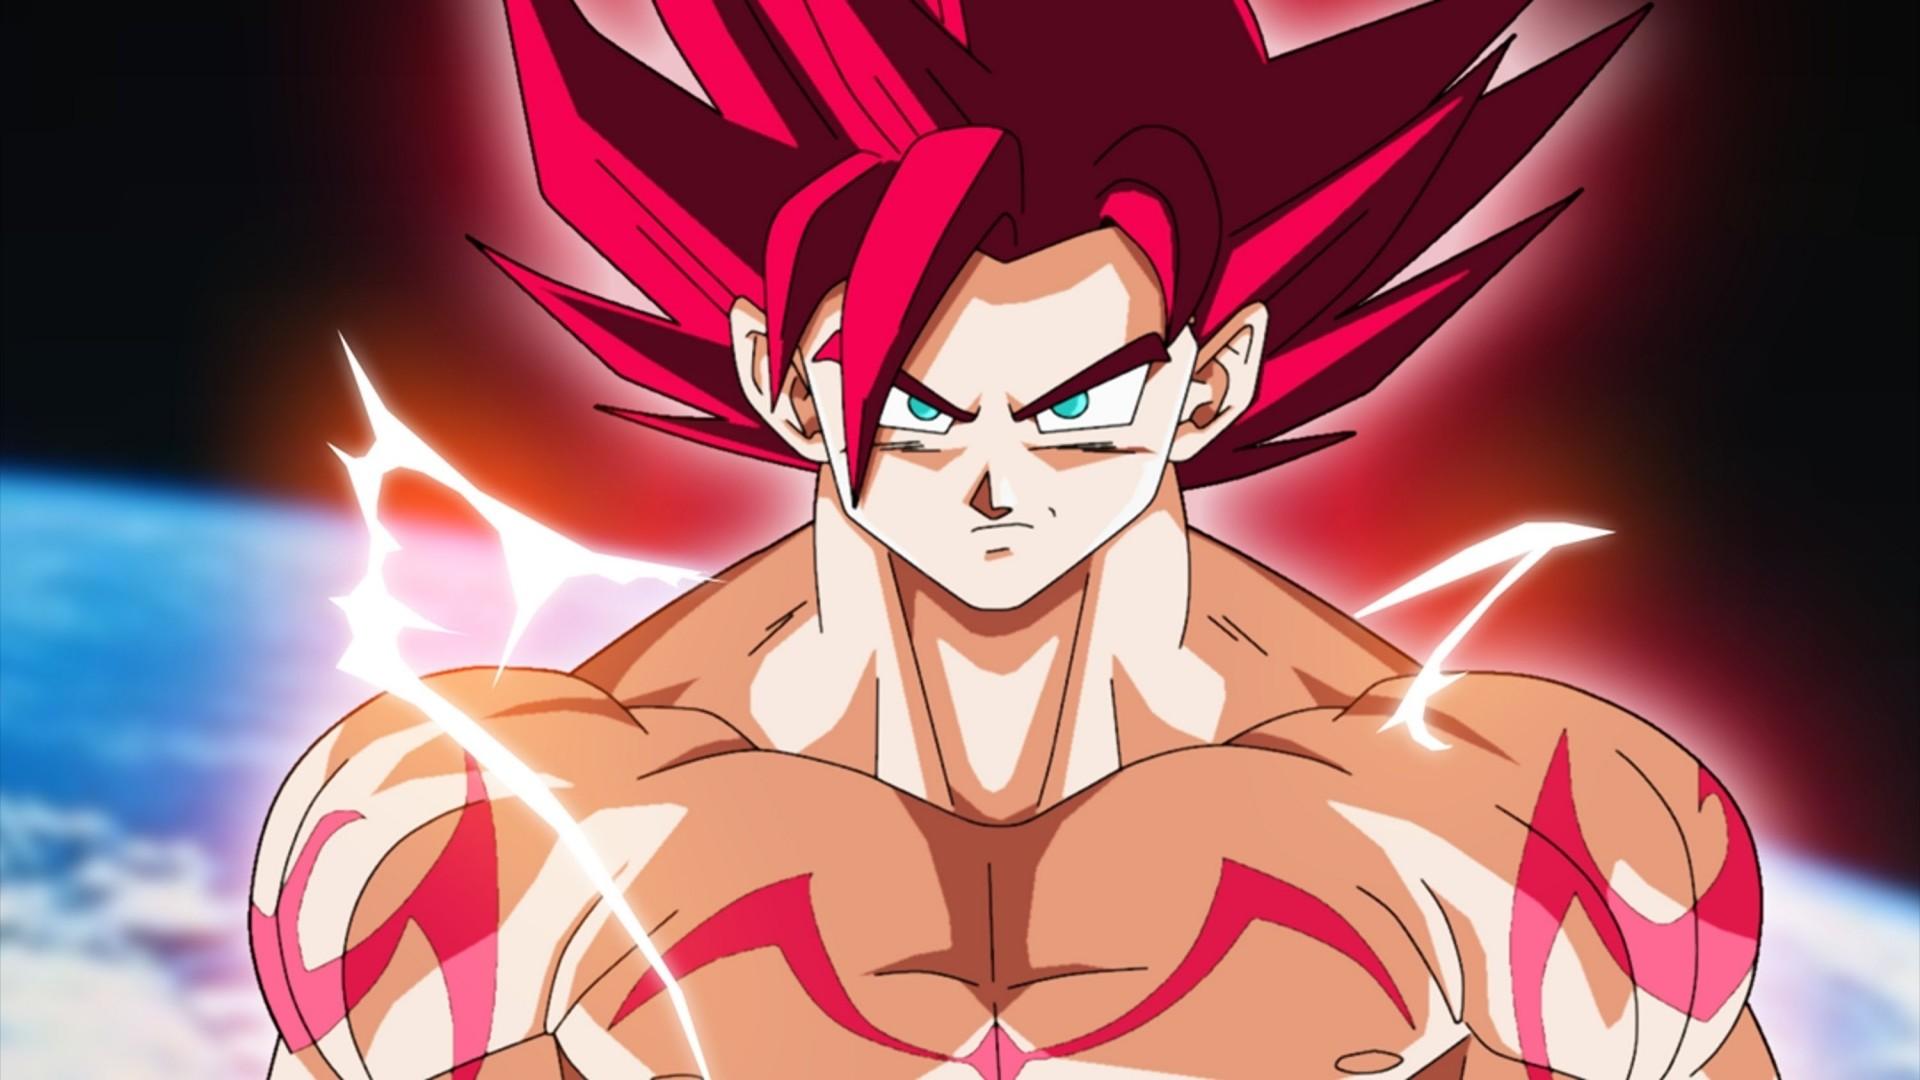 Anime Dragon Ball Super Super Saiyan God Goku Wallpaper